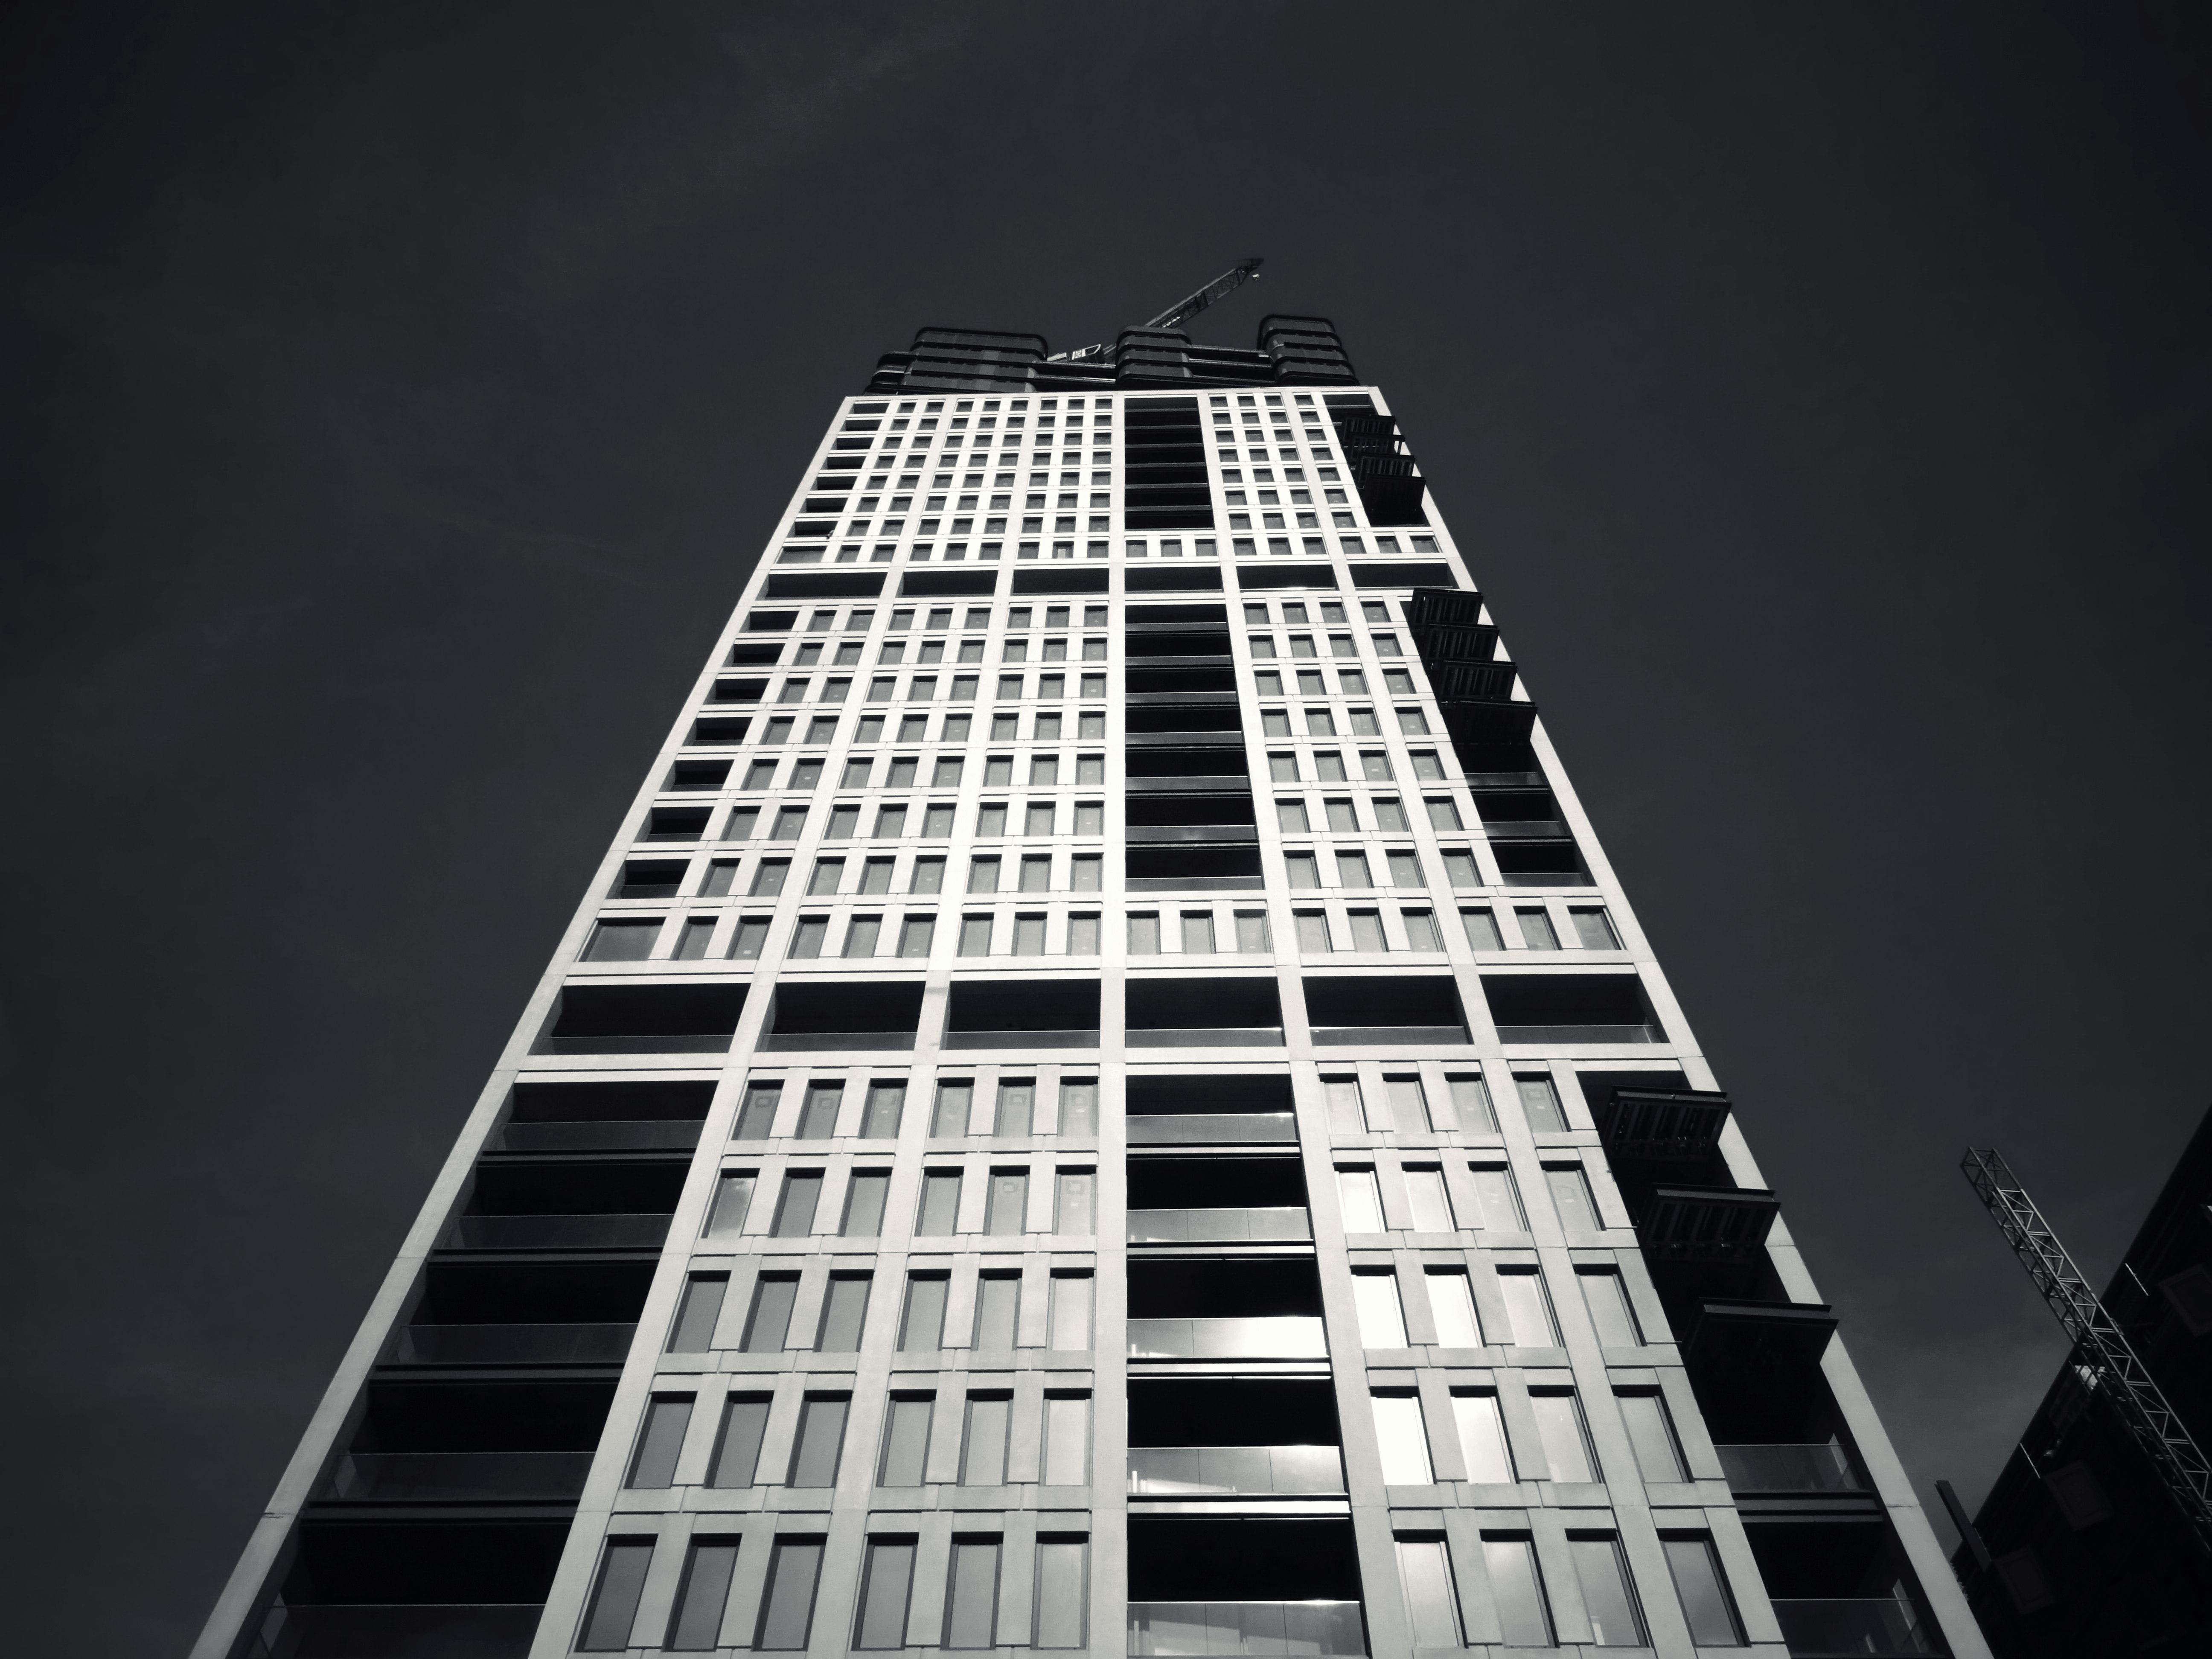 Δωρεάν στοκ φωτογραφιών με αρχιτεκτονική, ασπρόμαυρο, αστικός, κτήριο